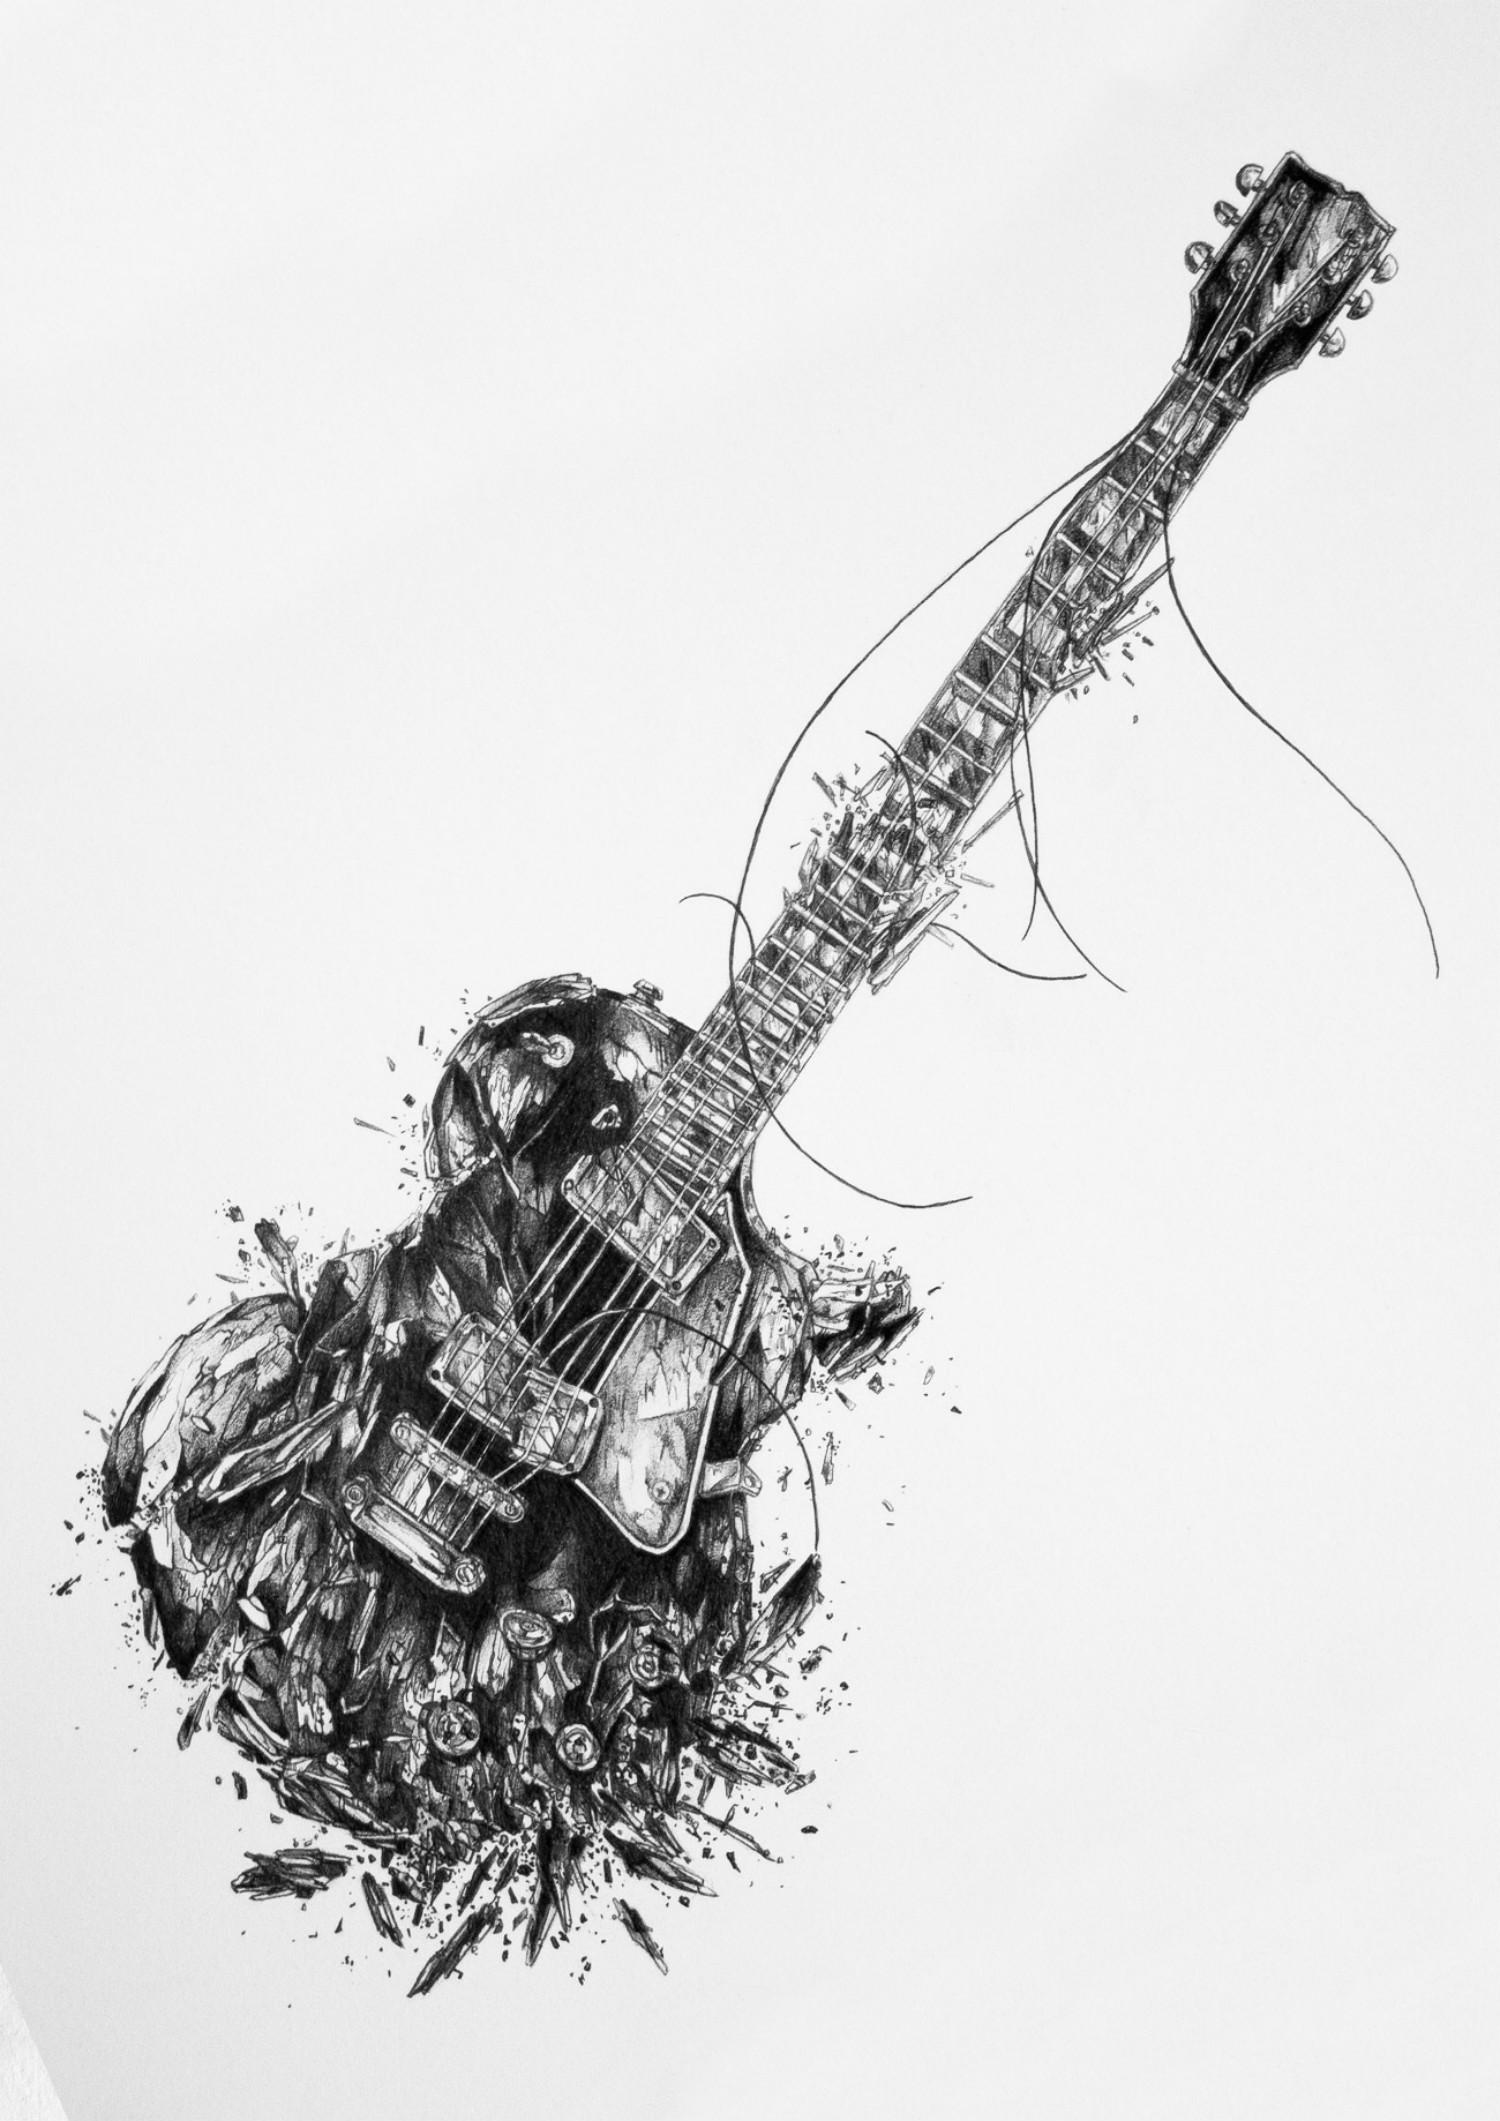 Hintergrundbilder : Zeichnung, Illustration, digitale Kunst ...